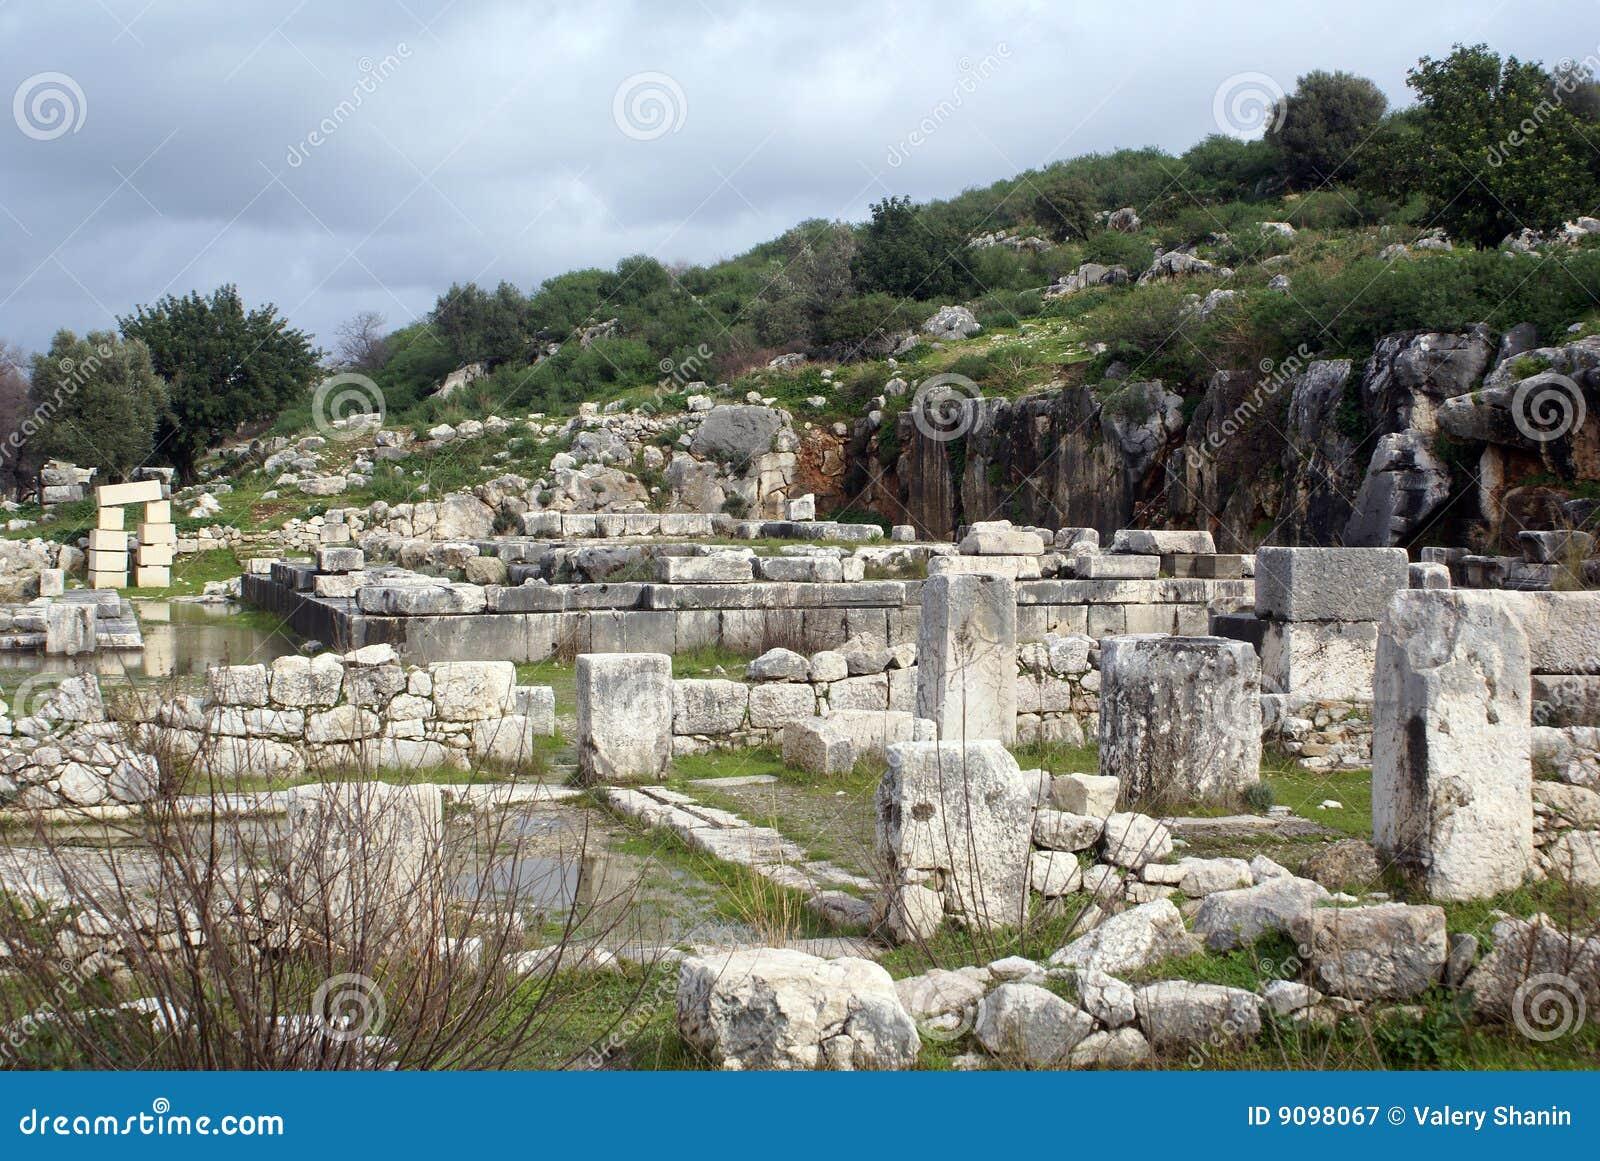 Hügel und Ruinen